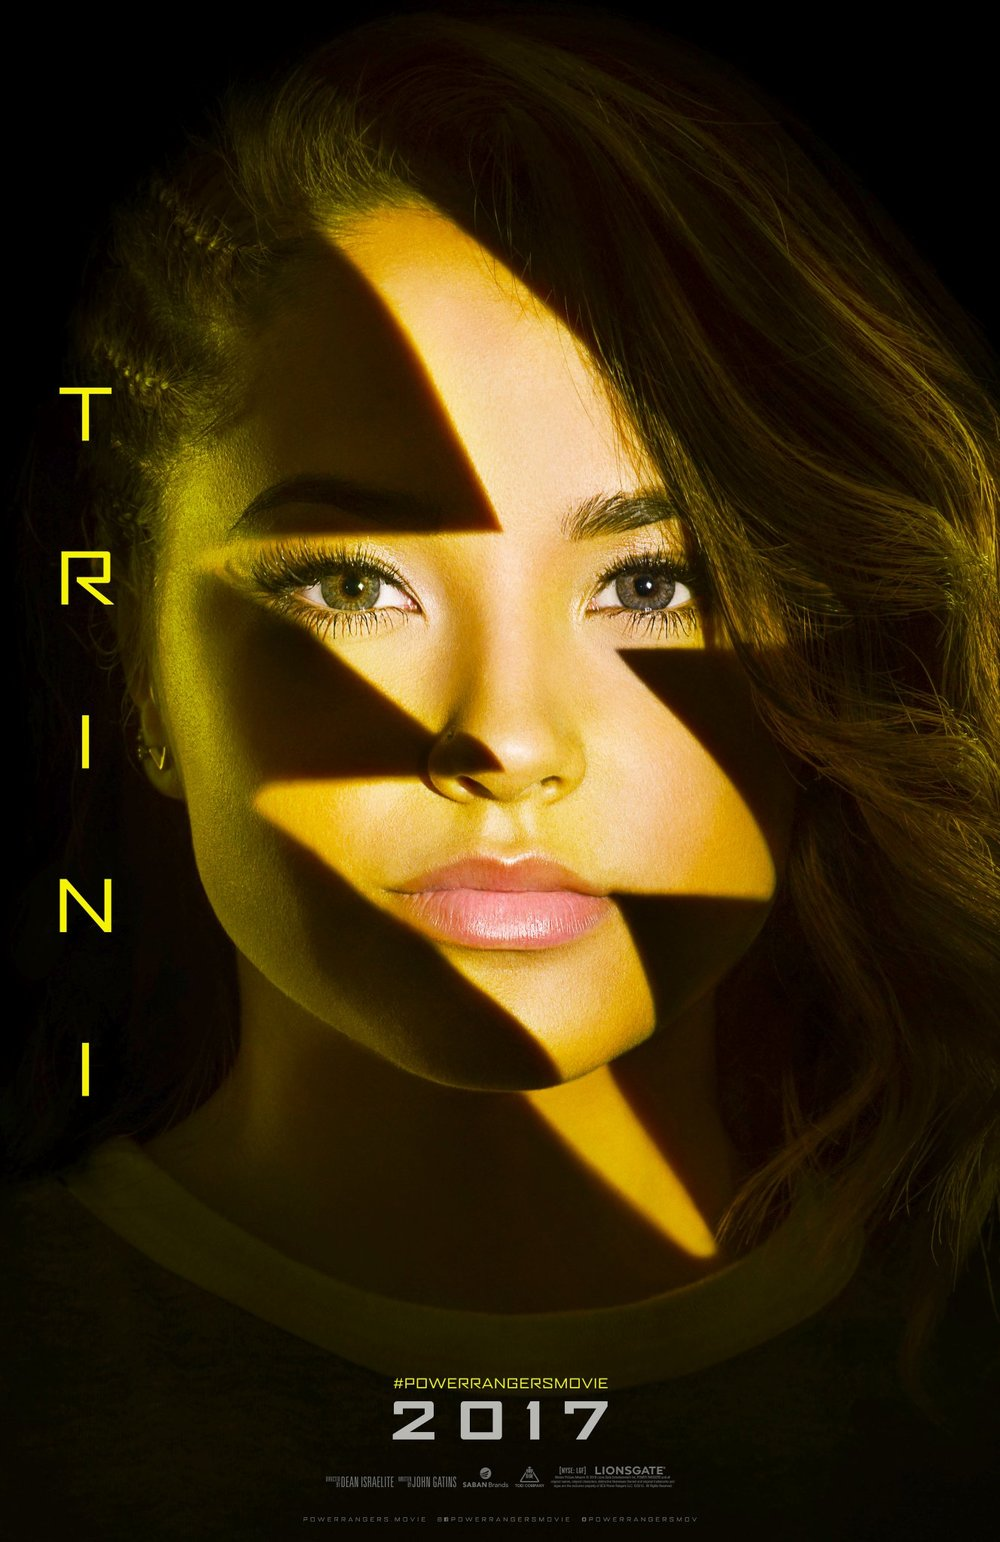 Trini.jpg